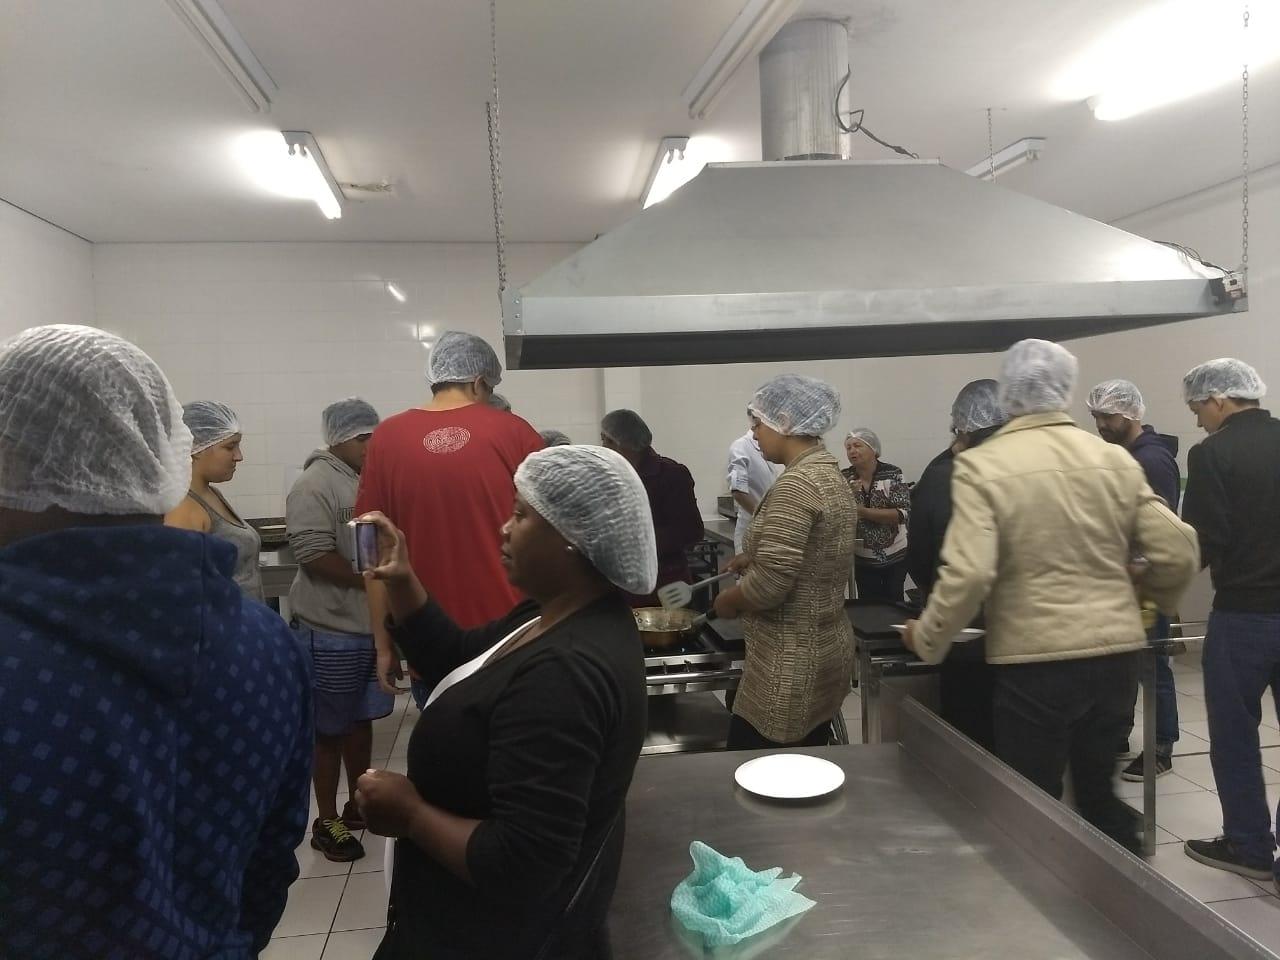 Barraqueiros do Festival do Camarão participam de curso de manipulação de alimentos (Fotos: Divulgação)